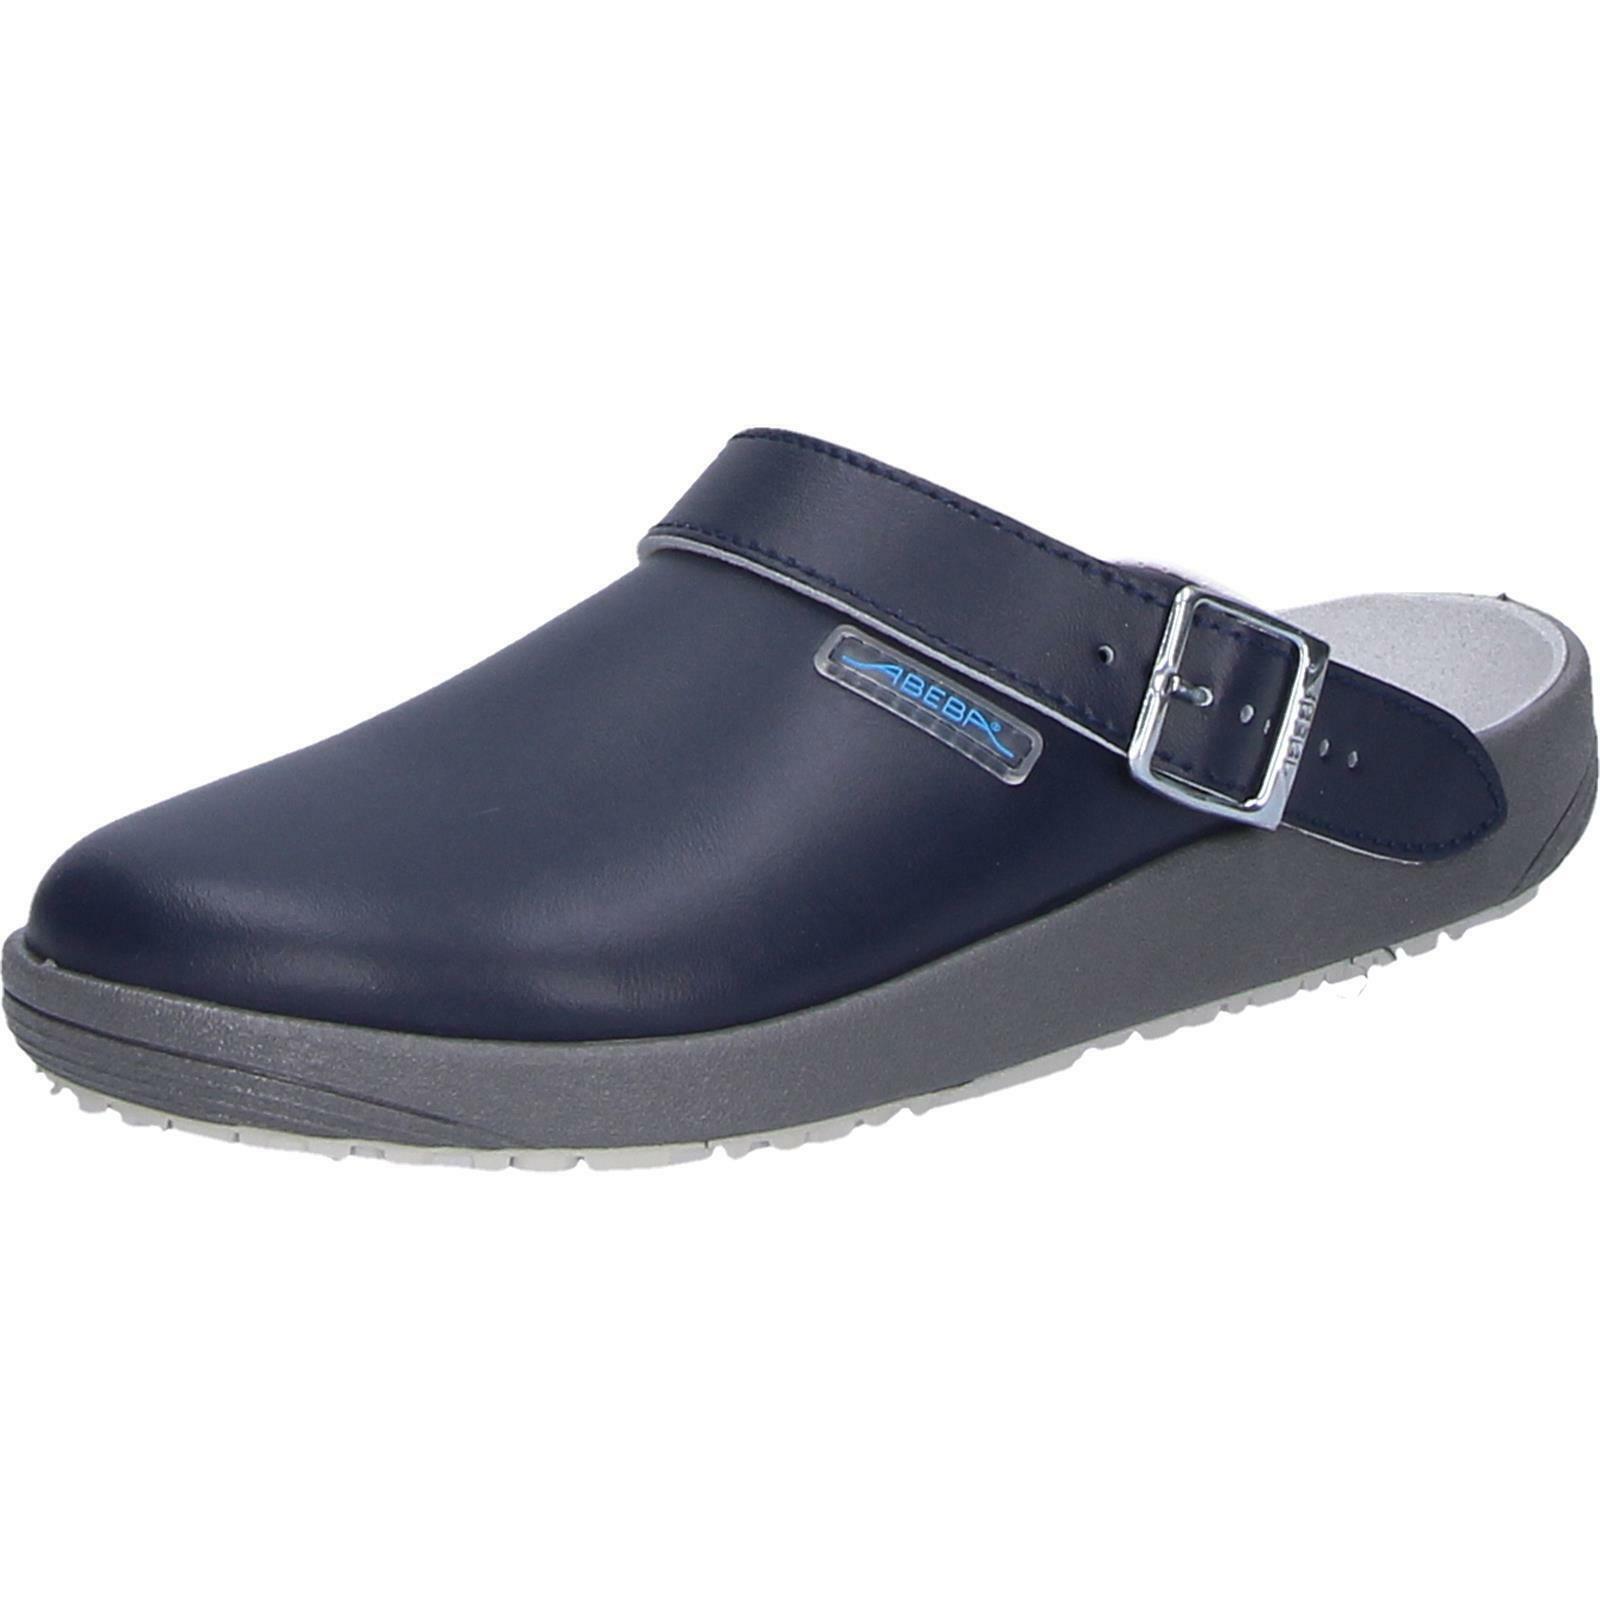 Abeba zapatos Marine d + H. sandalia es